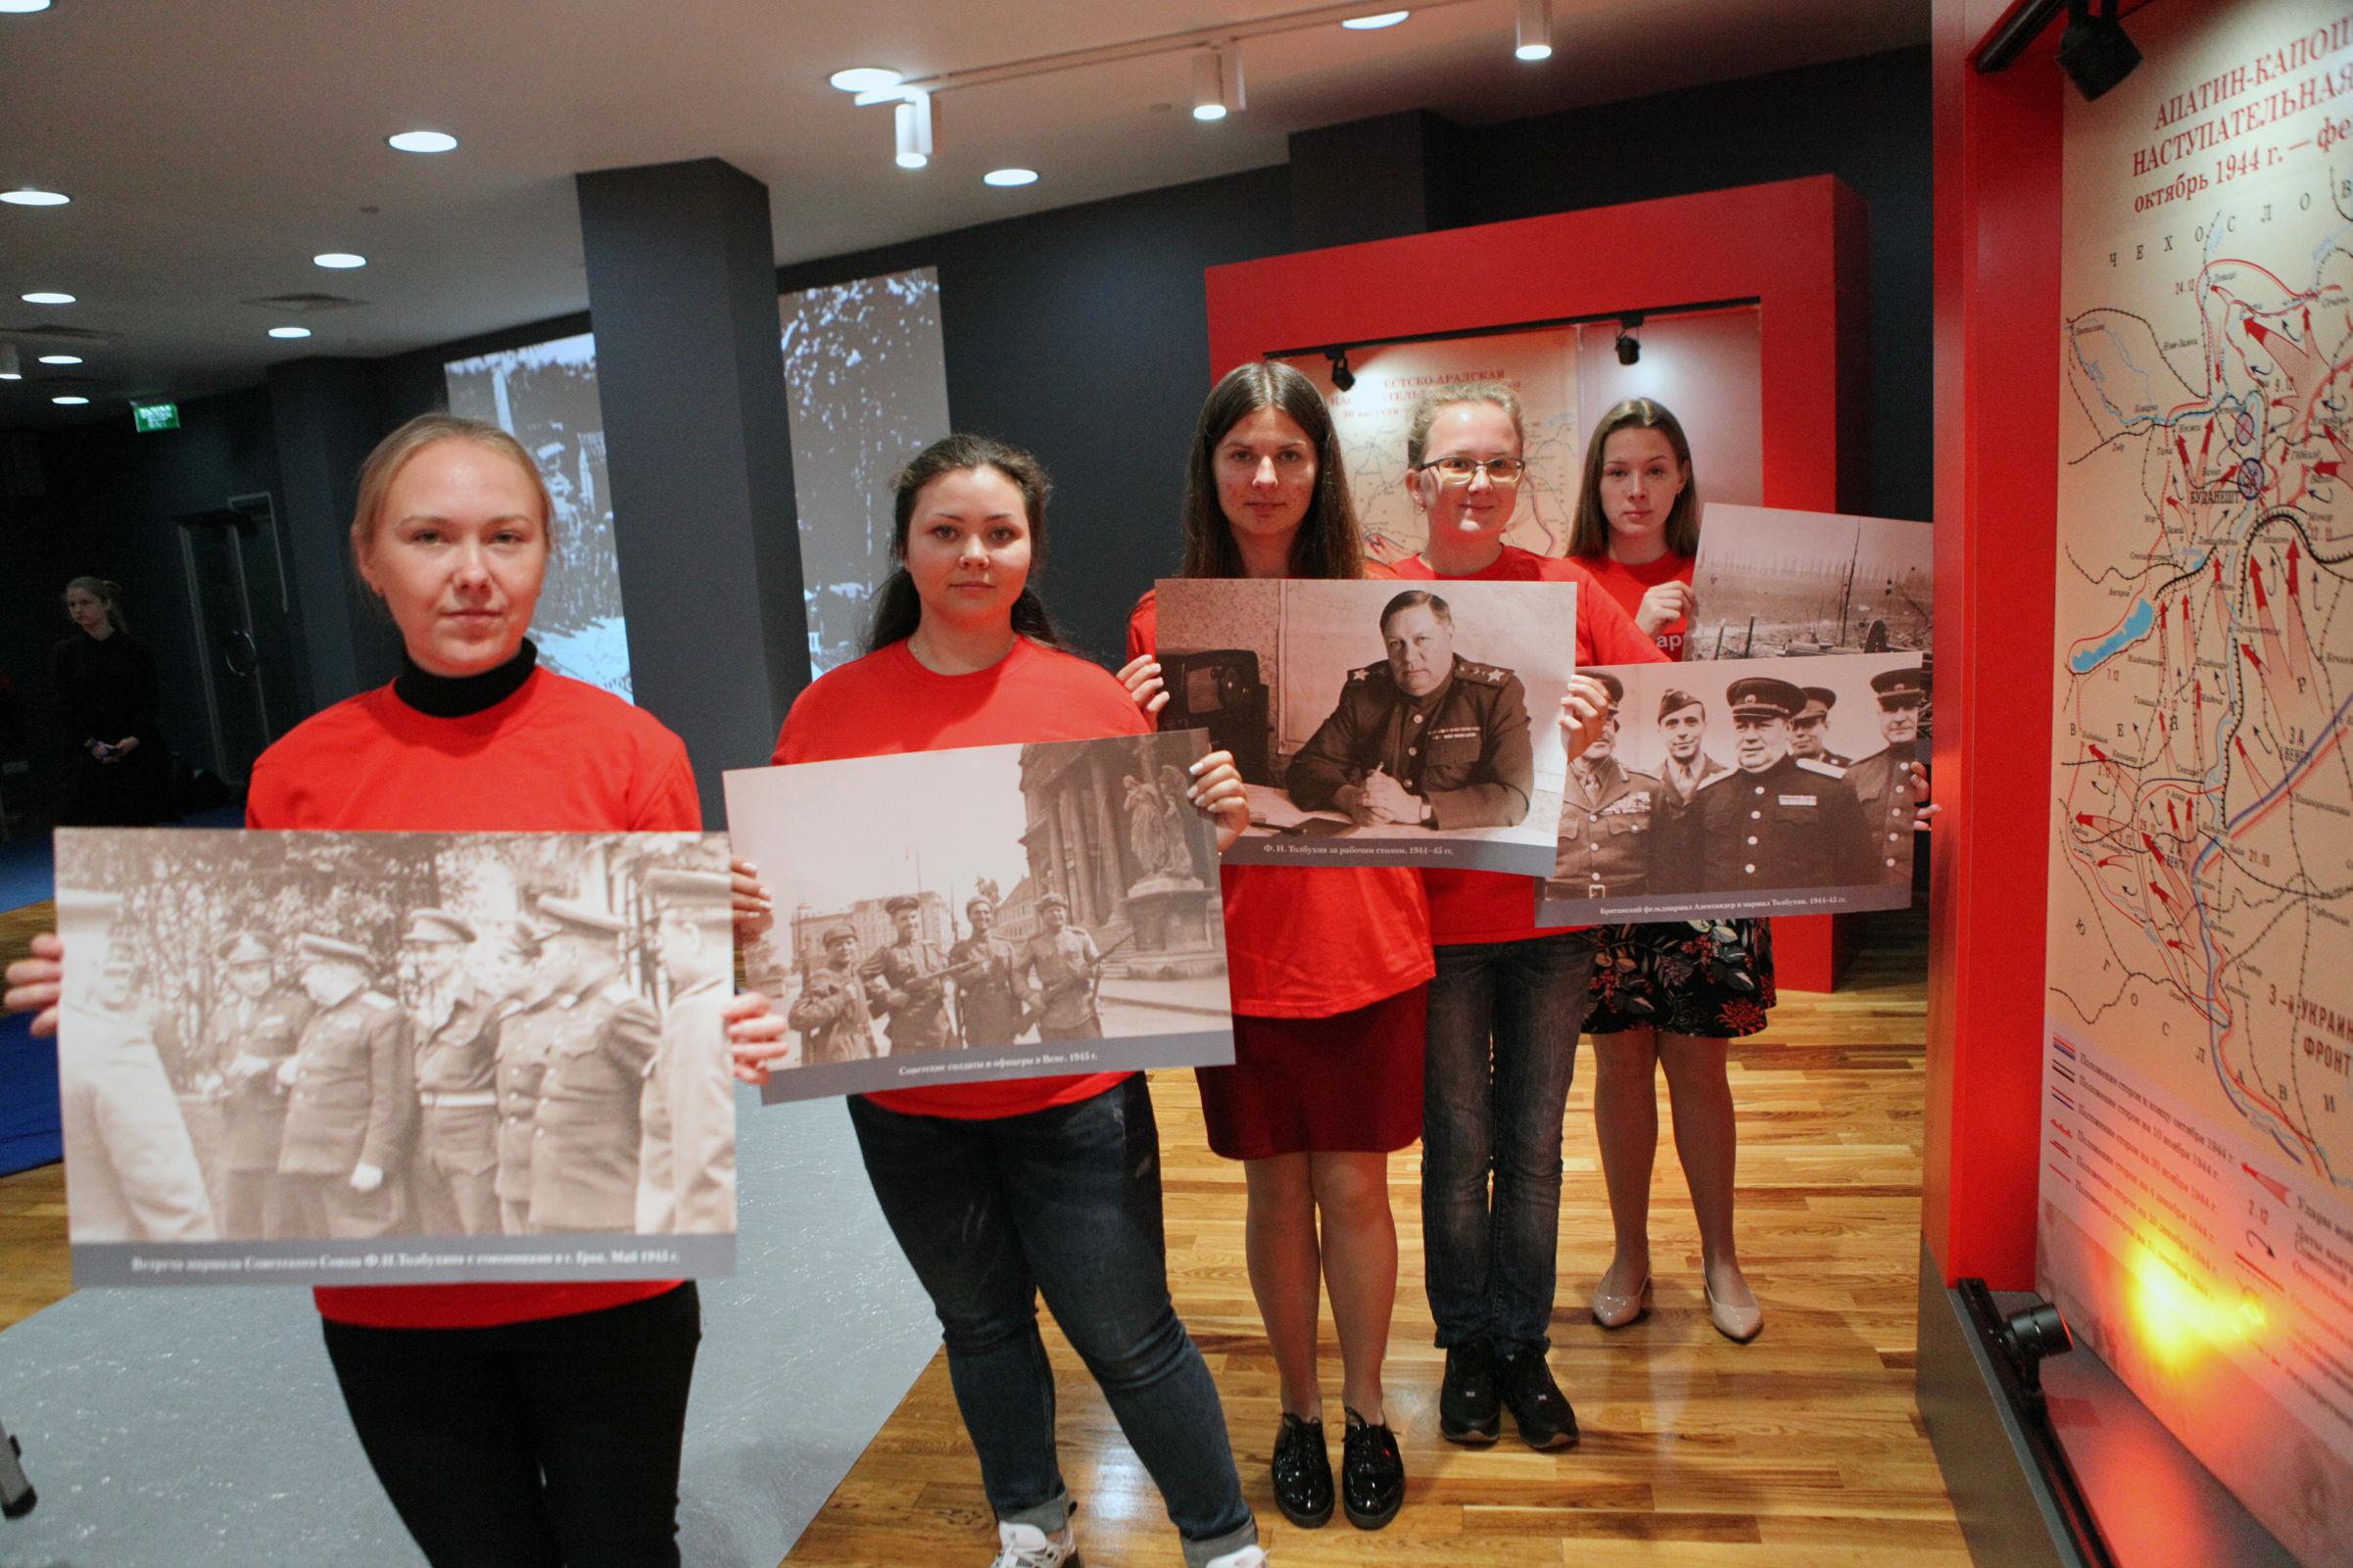 12 сражений Толбухина. В Ярославле открылась выставка, посвященная маршалу Победы